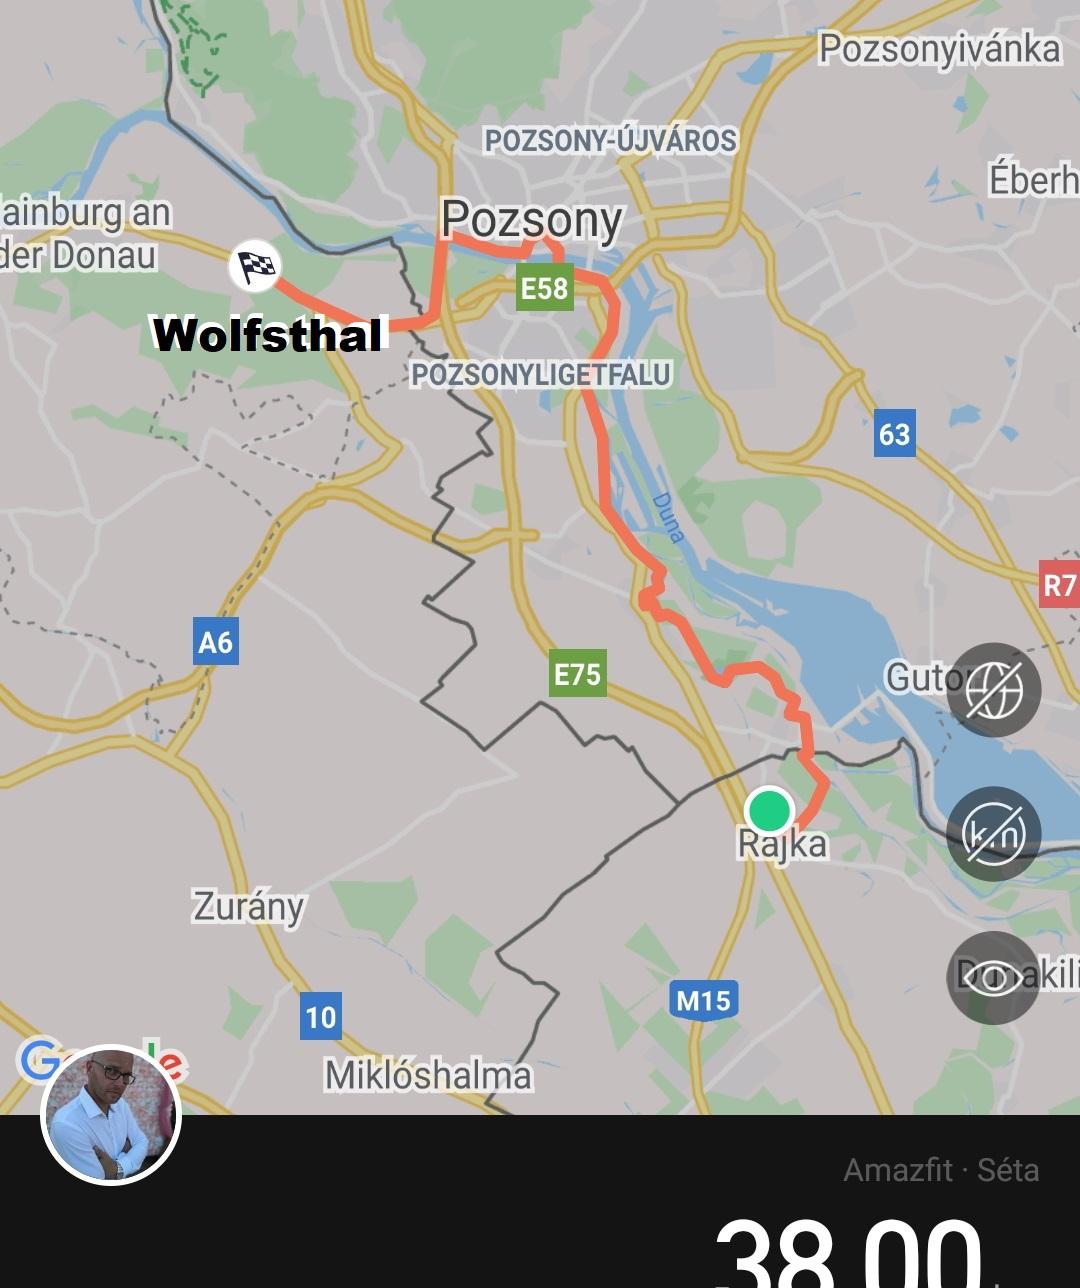 camino_hungaro_tizenegyedik_nap_rajka_pozsony_wolfsthal_utvonal.jpg